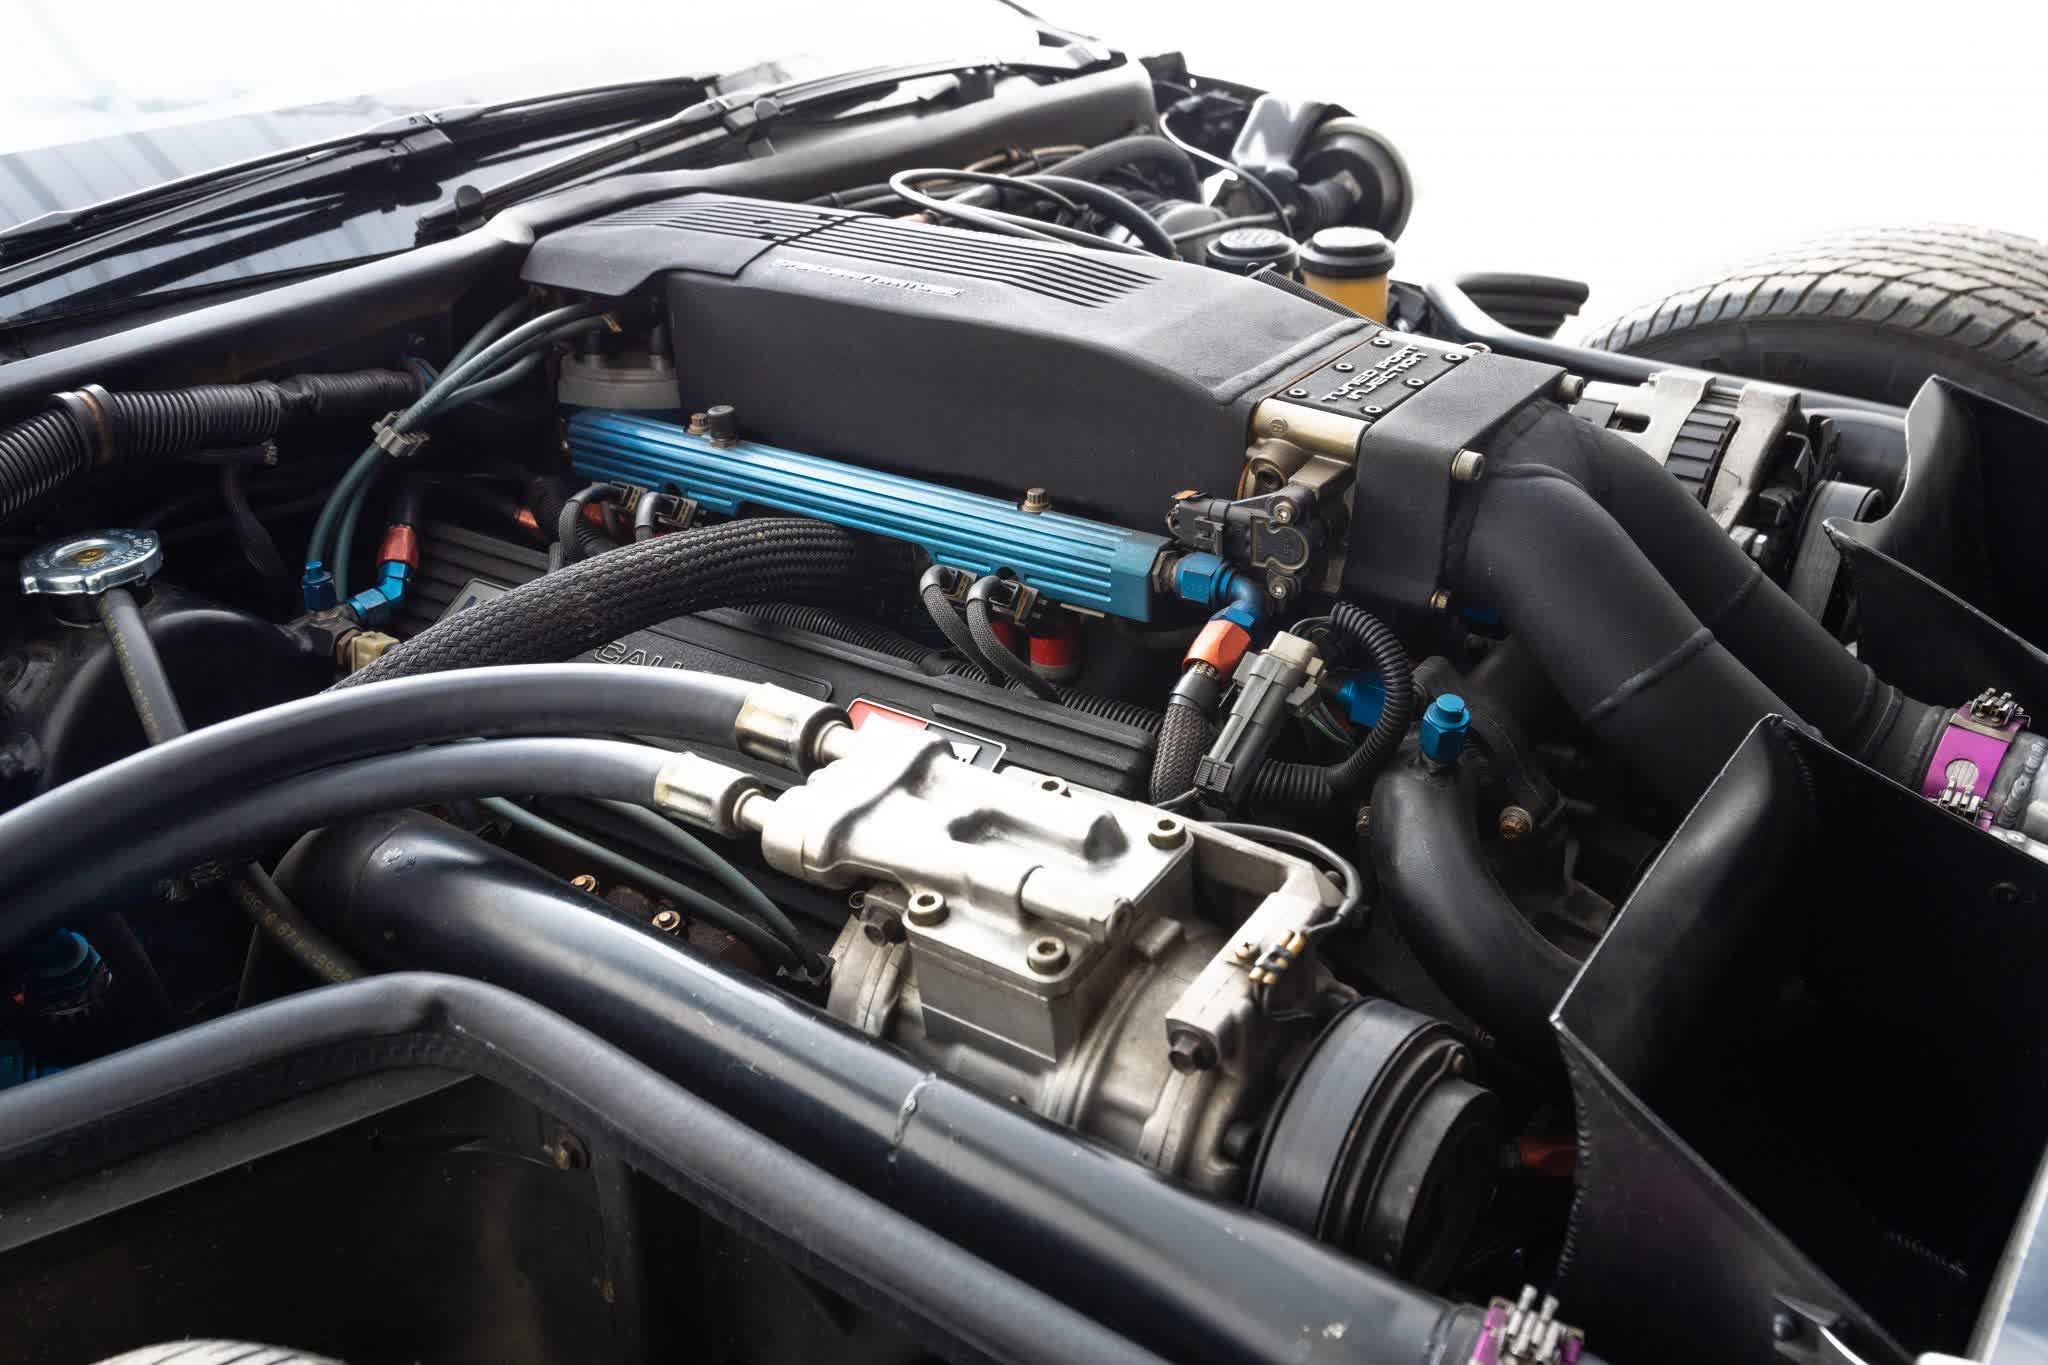 1621008908 513 La legendaire Callaway SledgeHammer Corvette est mise aux encheres